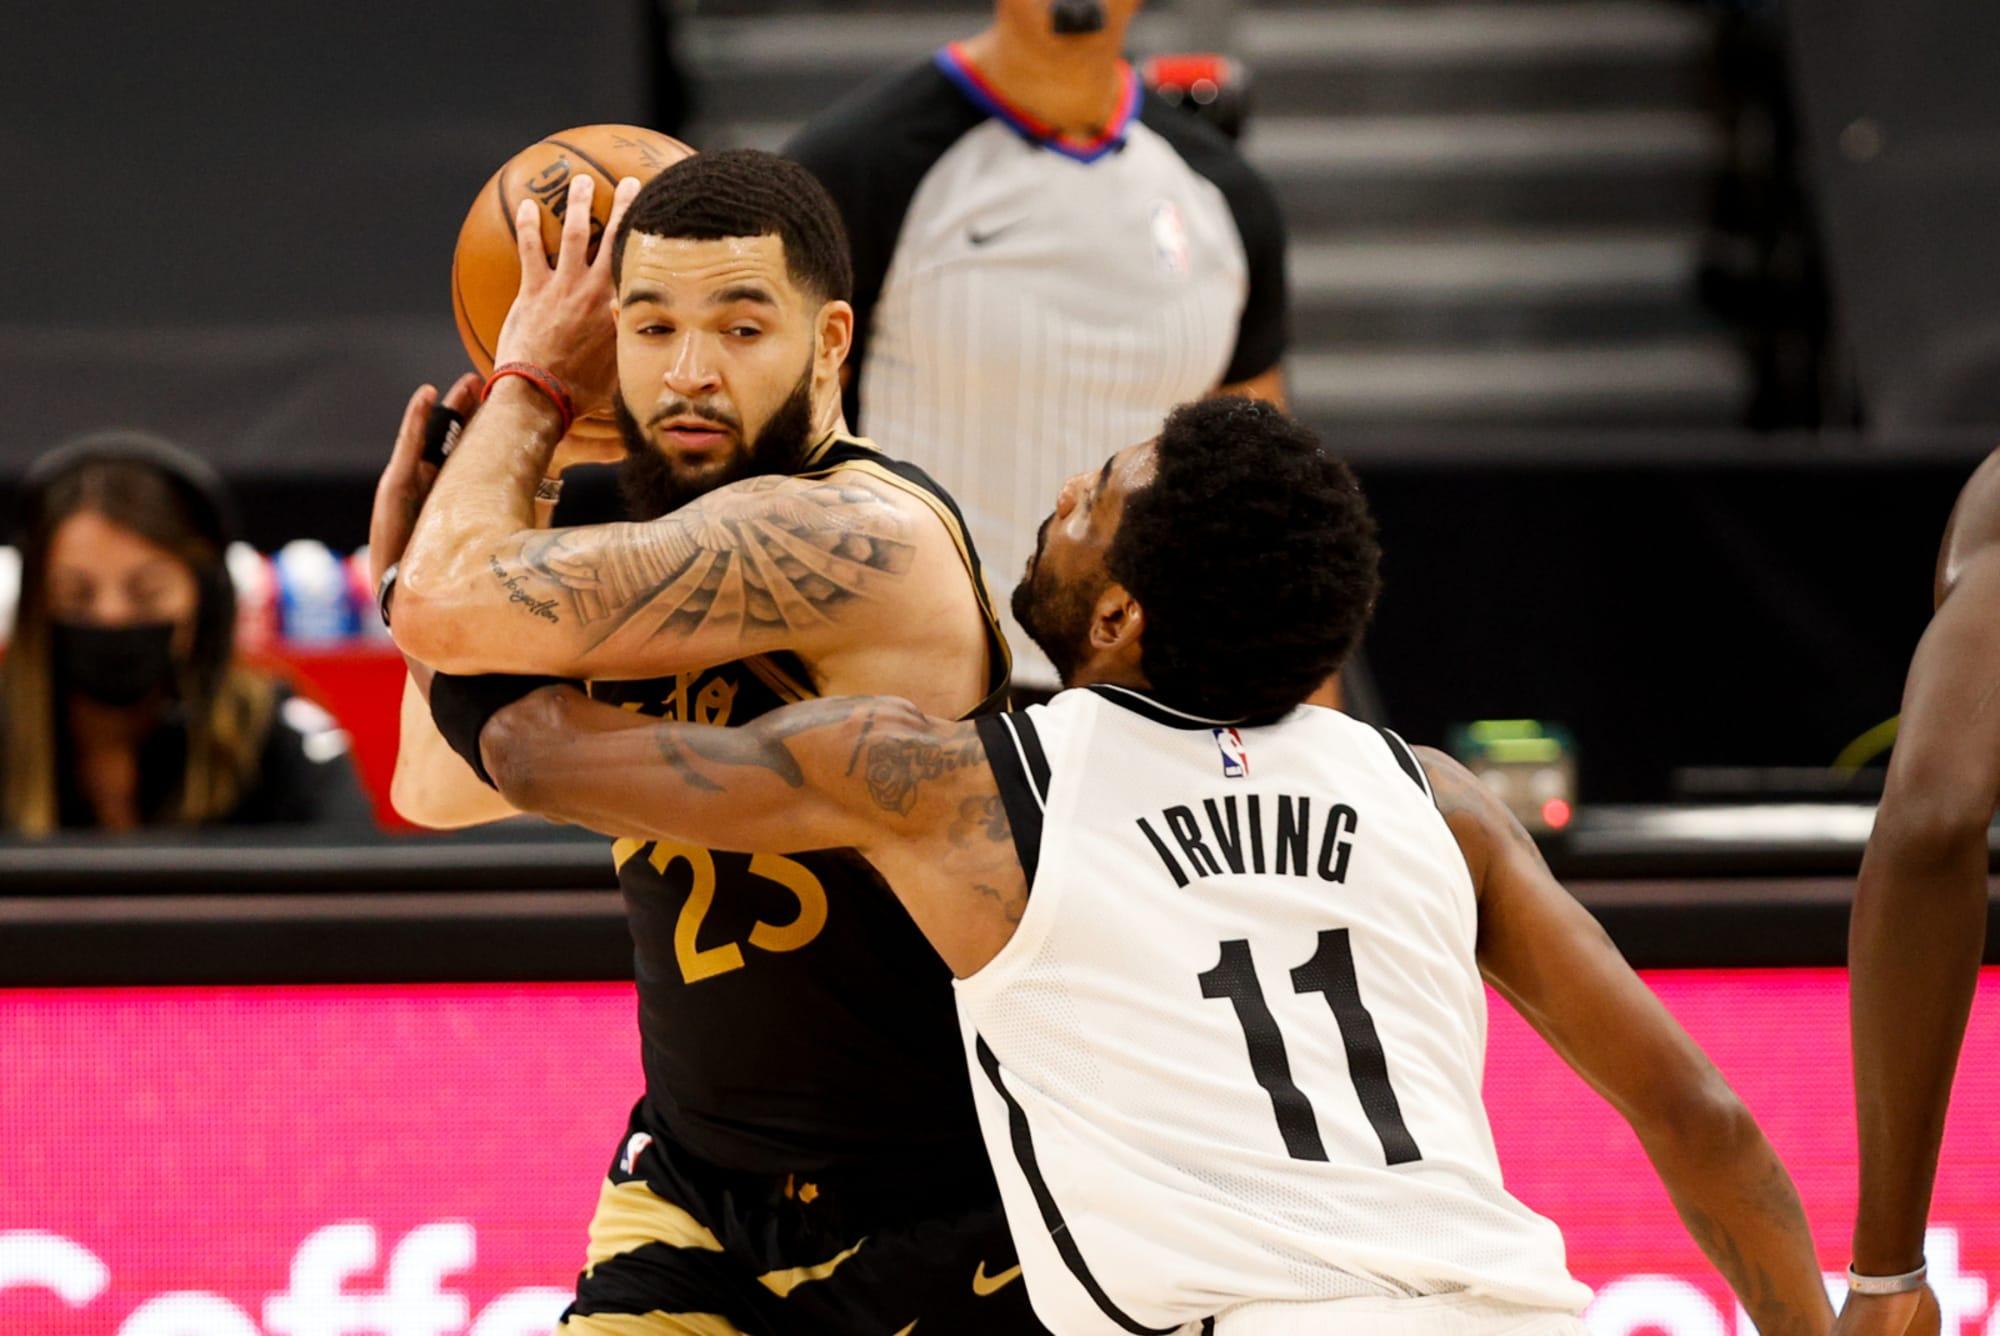 Toronto Raptors: 3 things Raptors players must work on this summer